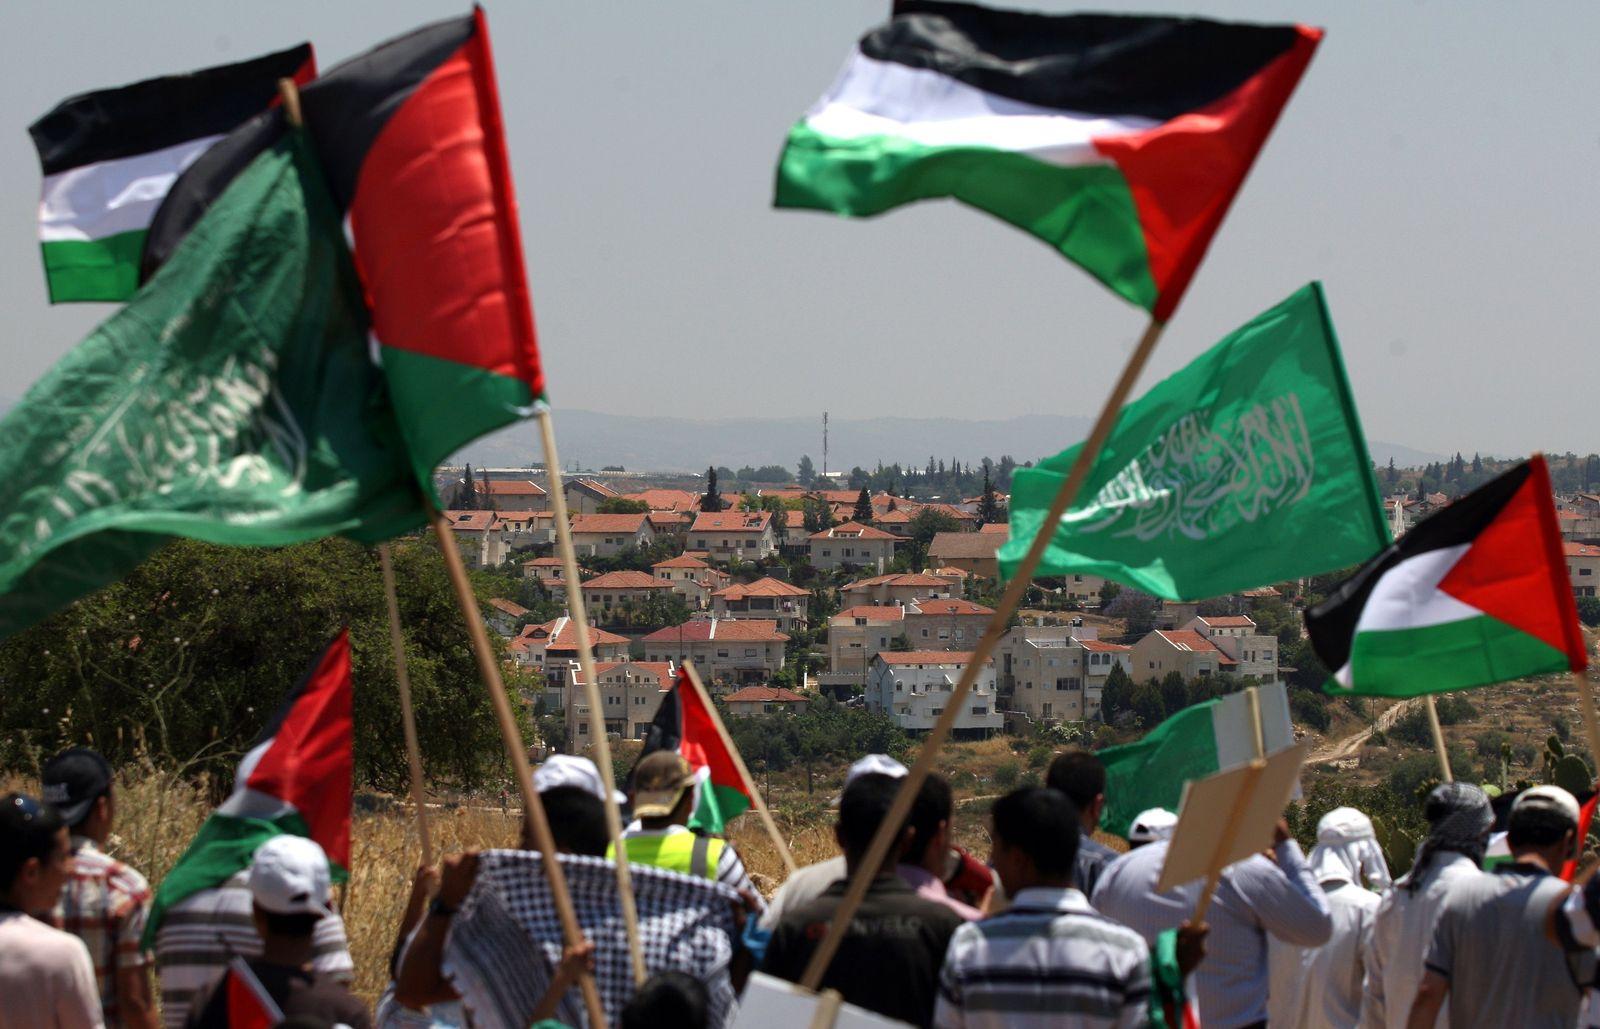 Palästina Protest